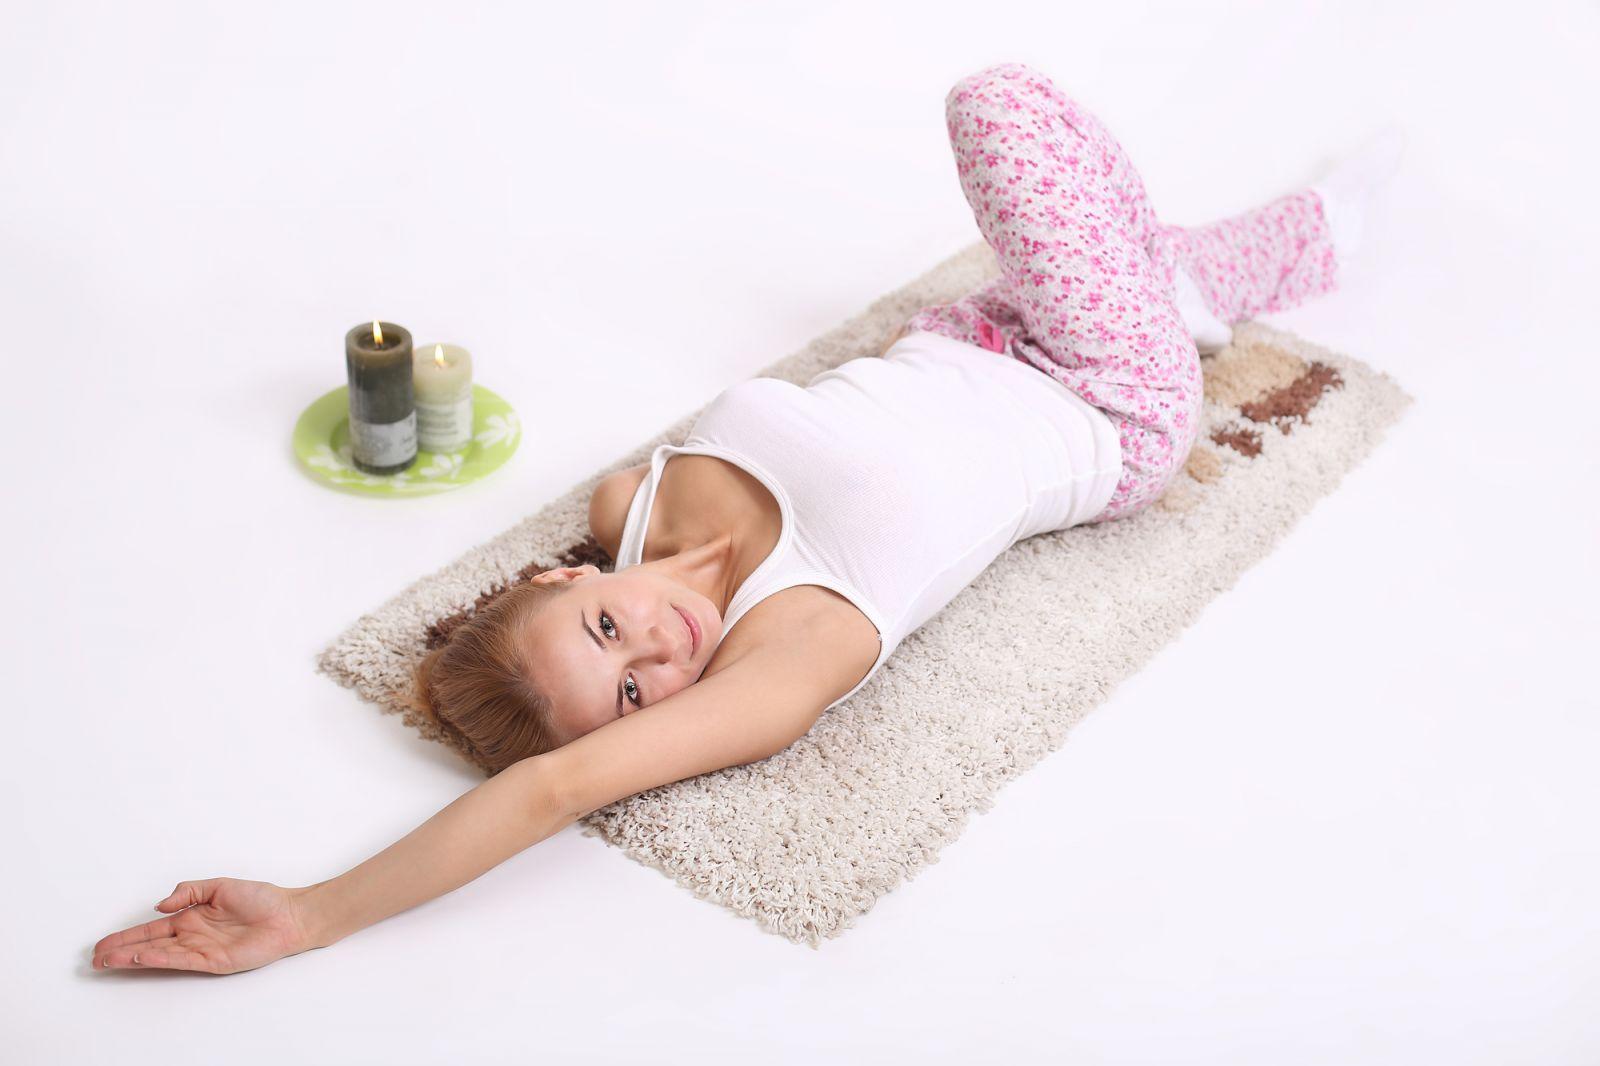 Упражнение 1: Ассиметричное растягивание мышц спины